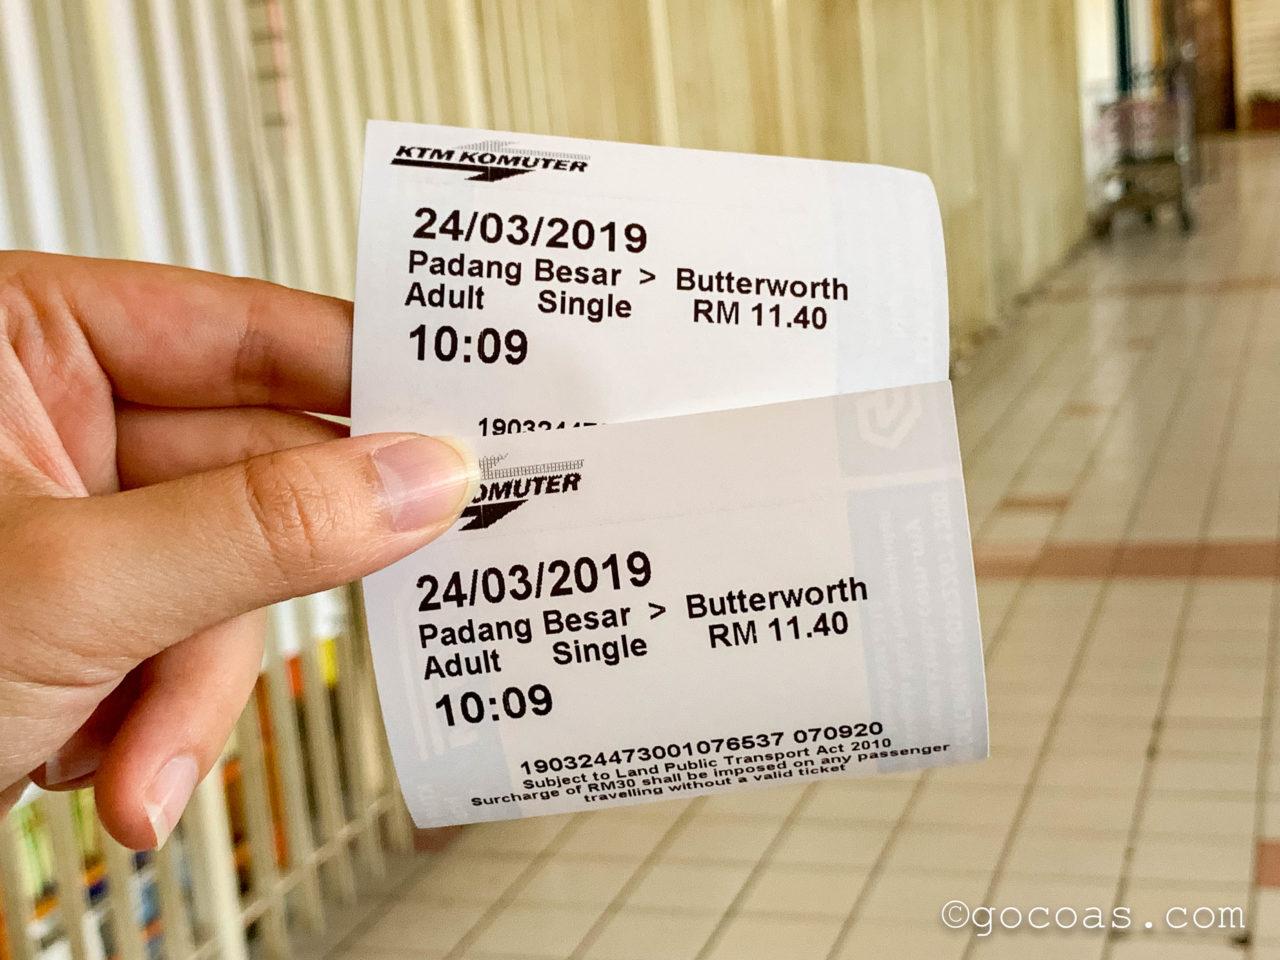 Padang Besar駅で購入したButtrerworth行きのチケット2枚